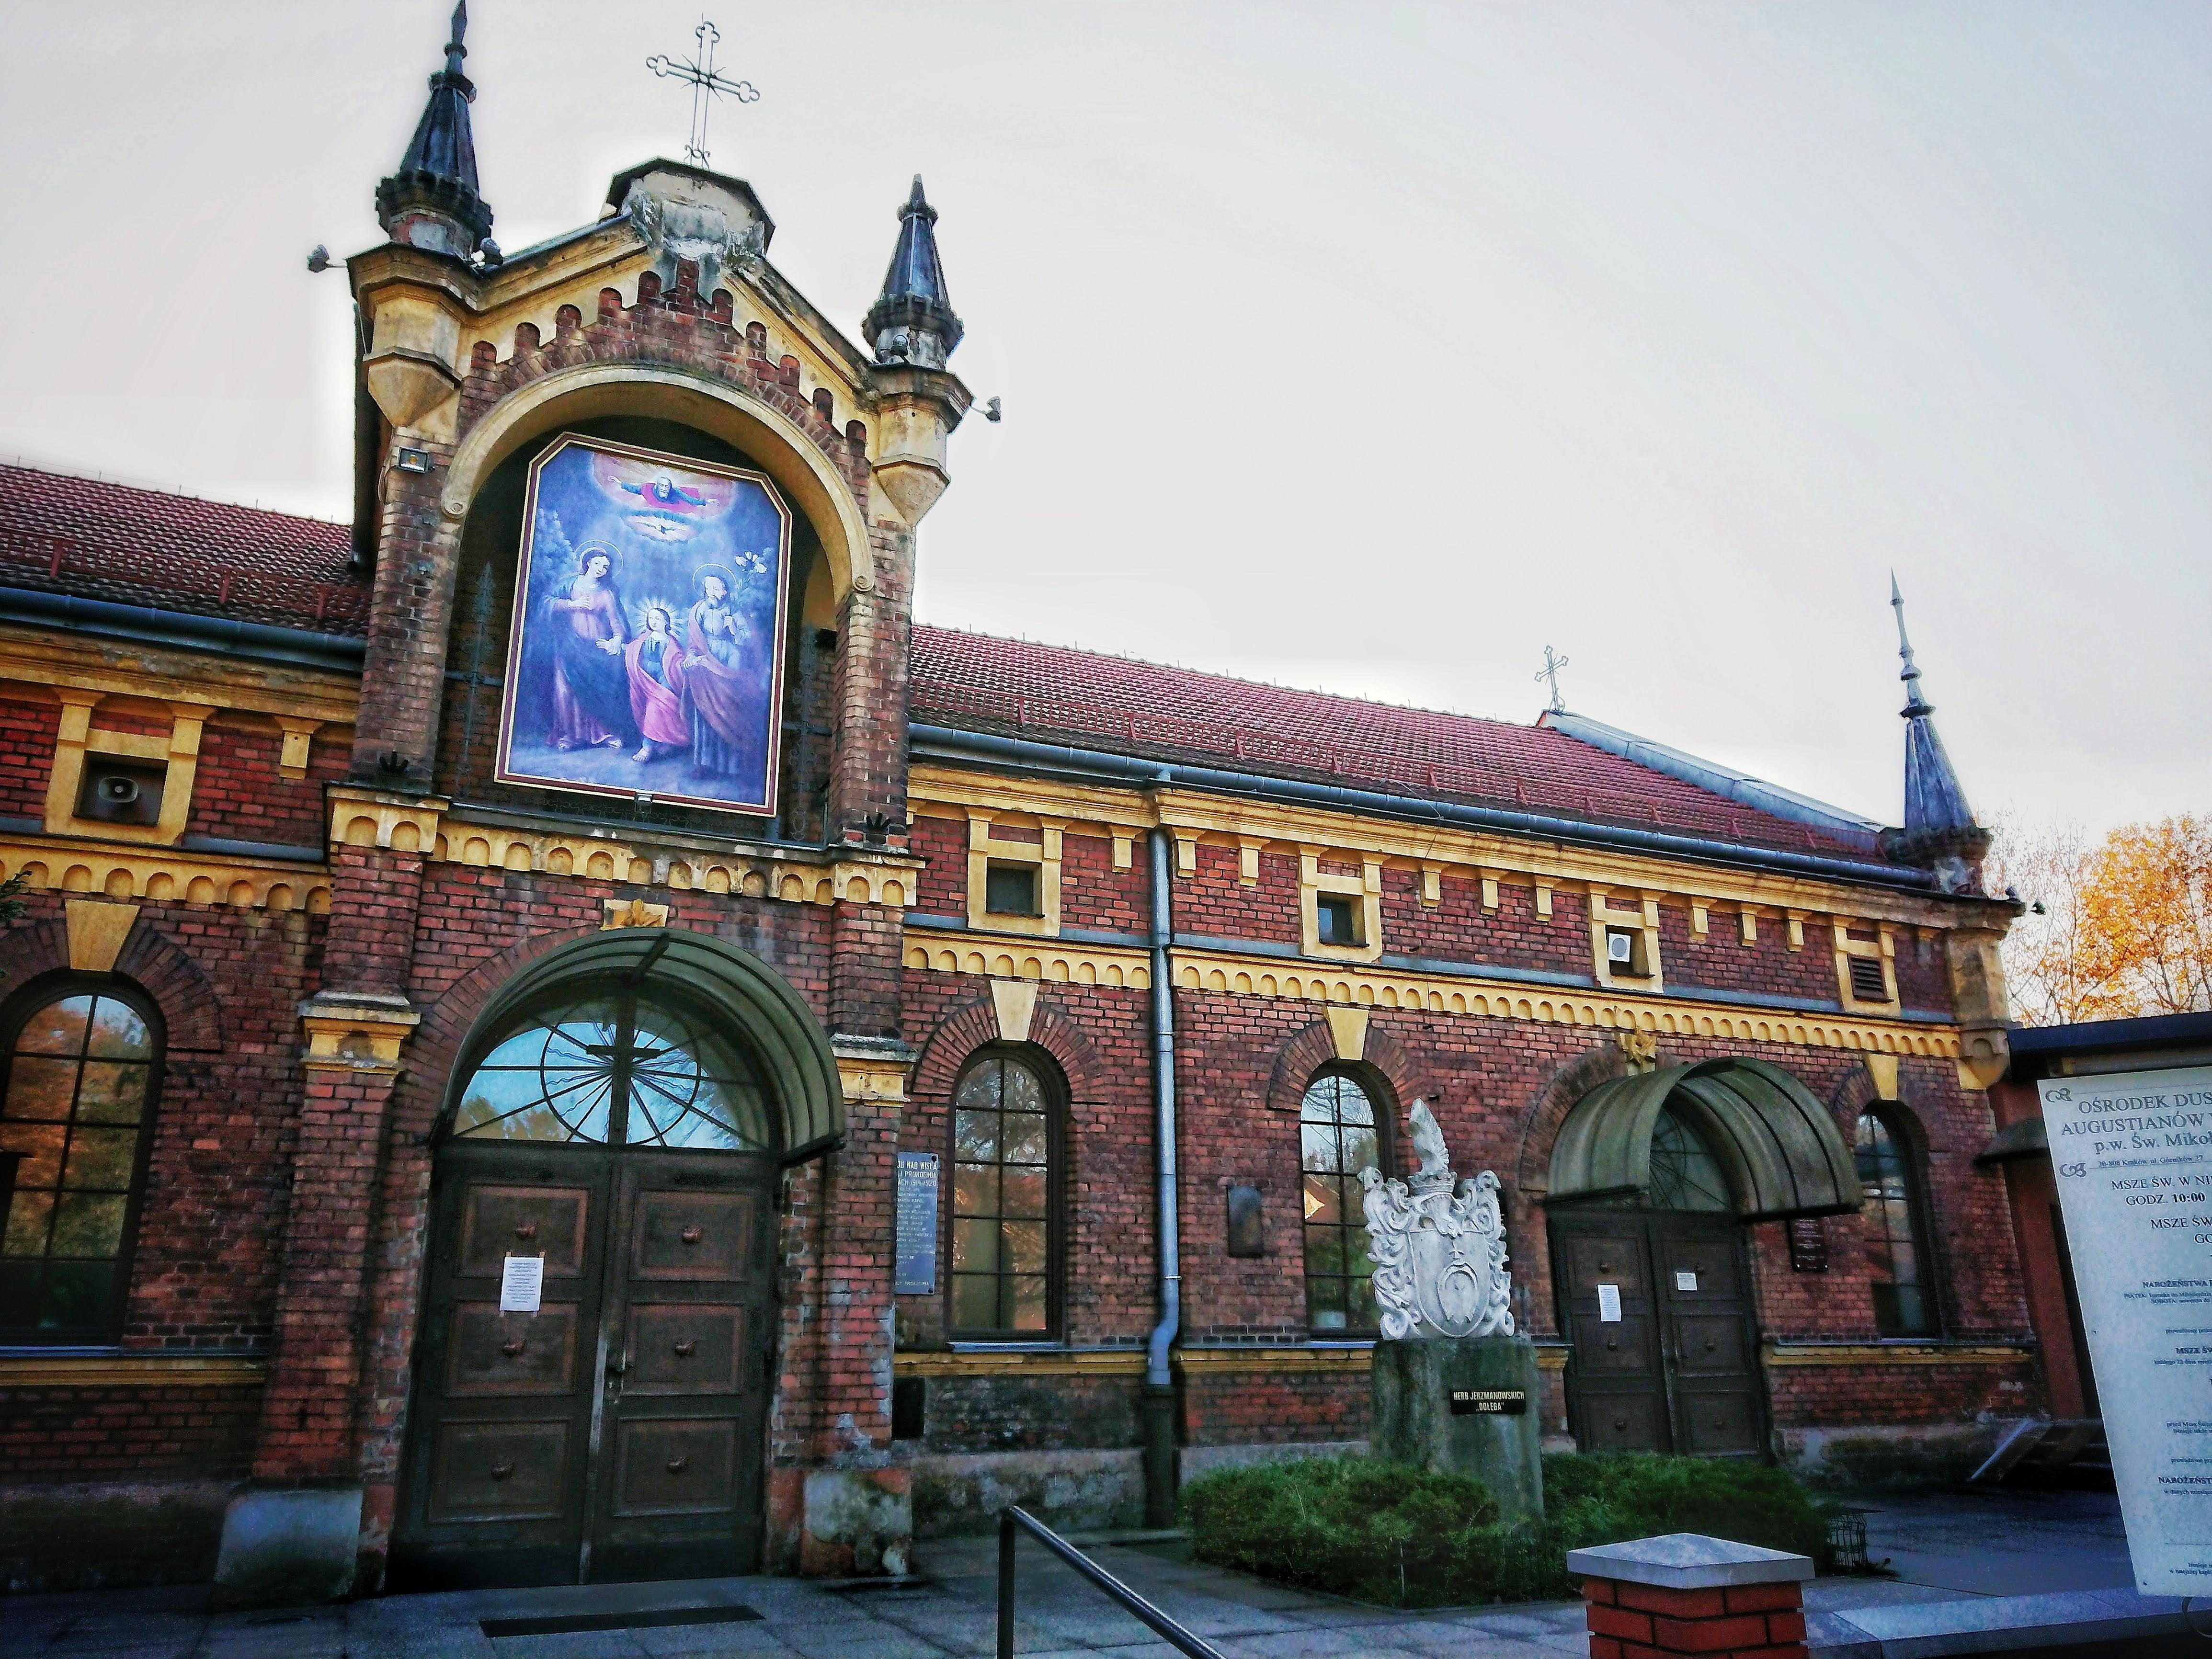 Kościół rektoralny św. Mikołaja z Tolentino, źródło: archiwum autorki